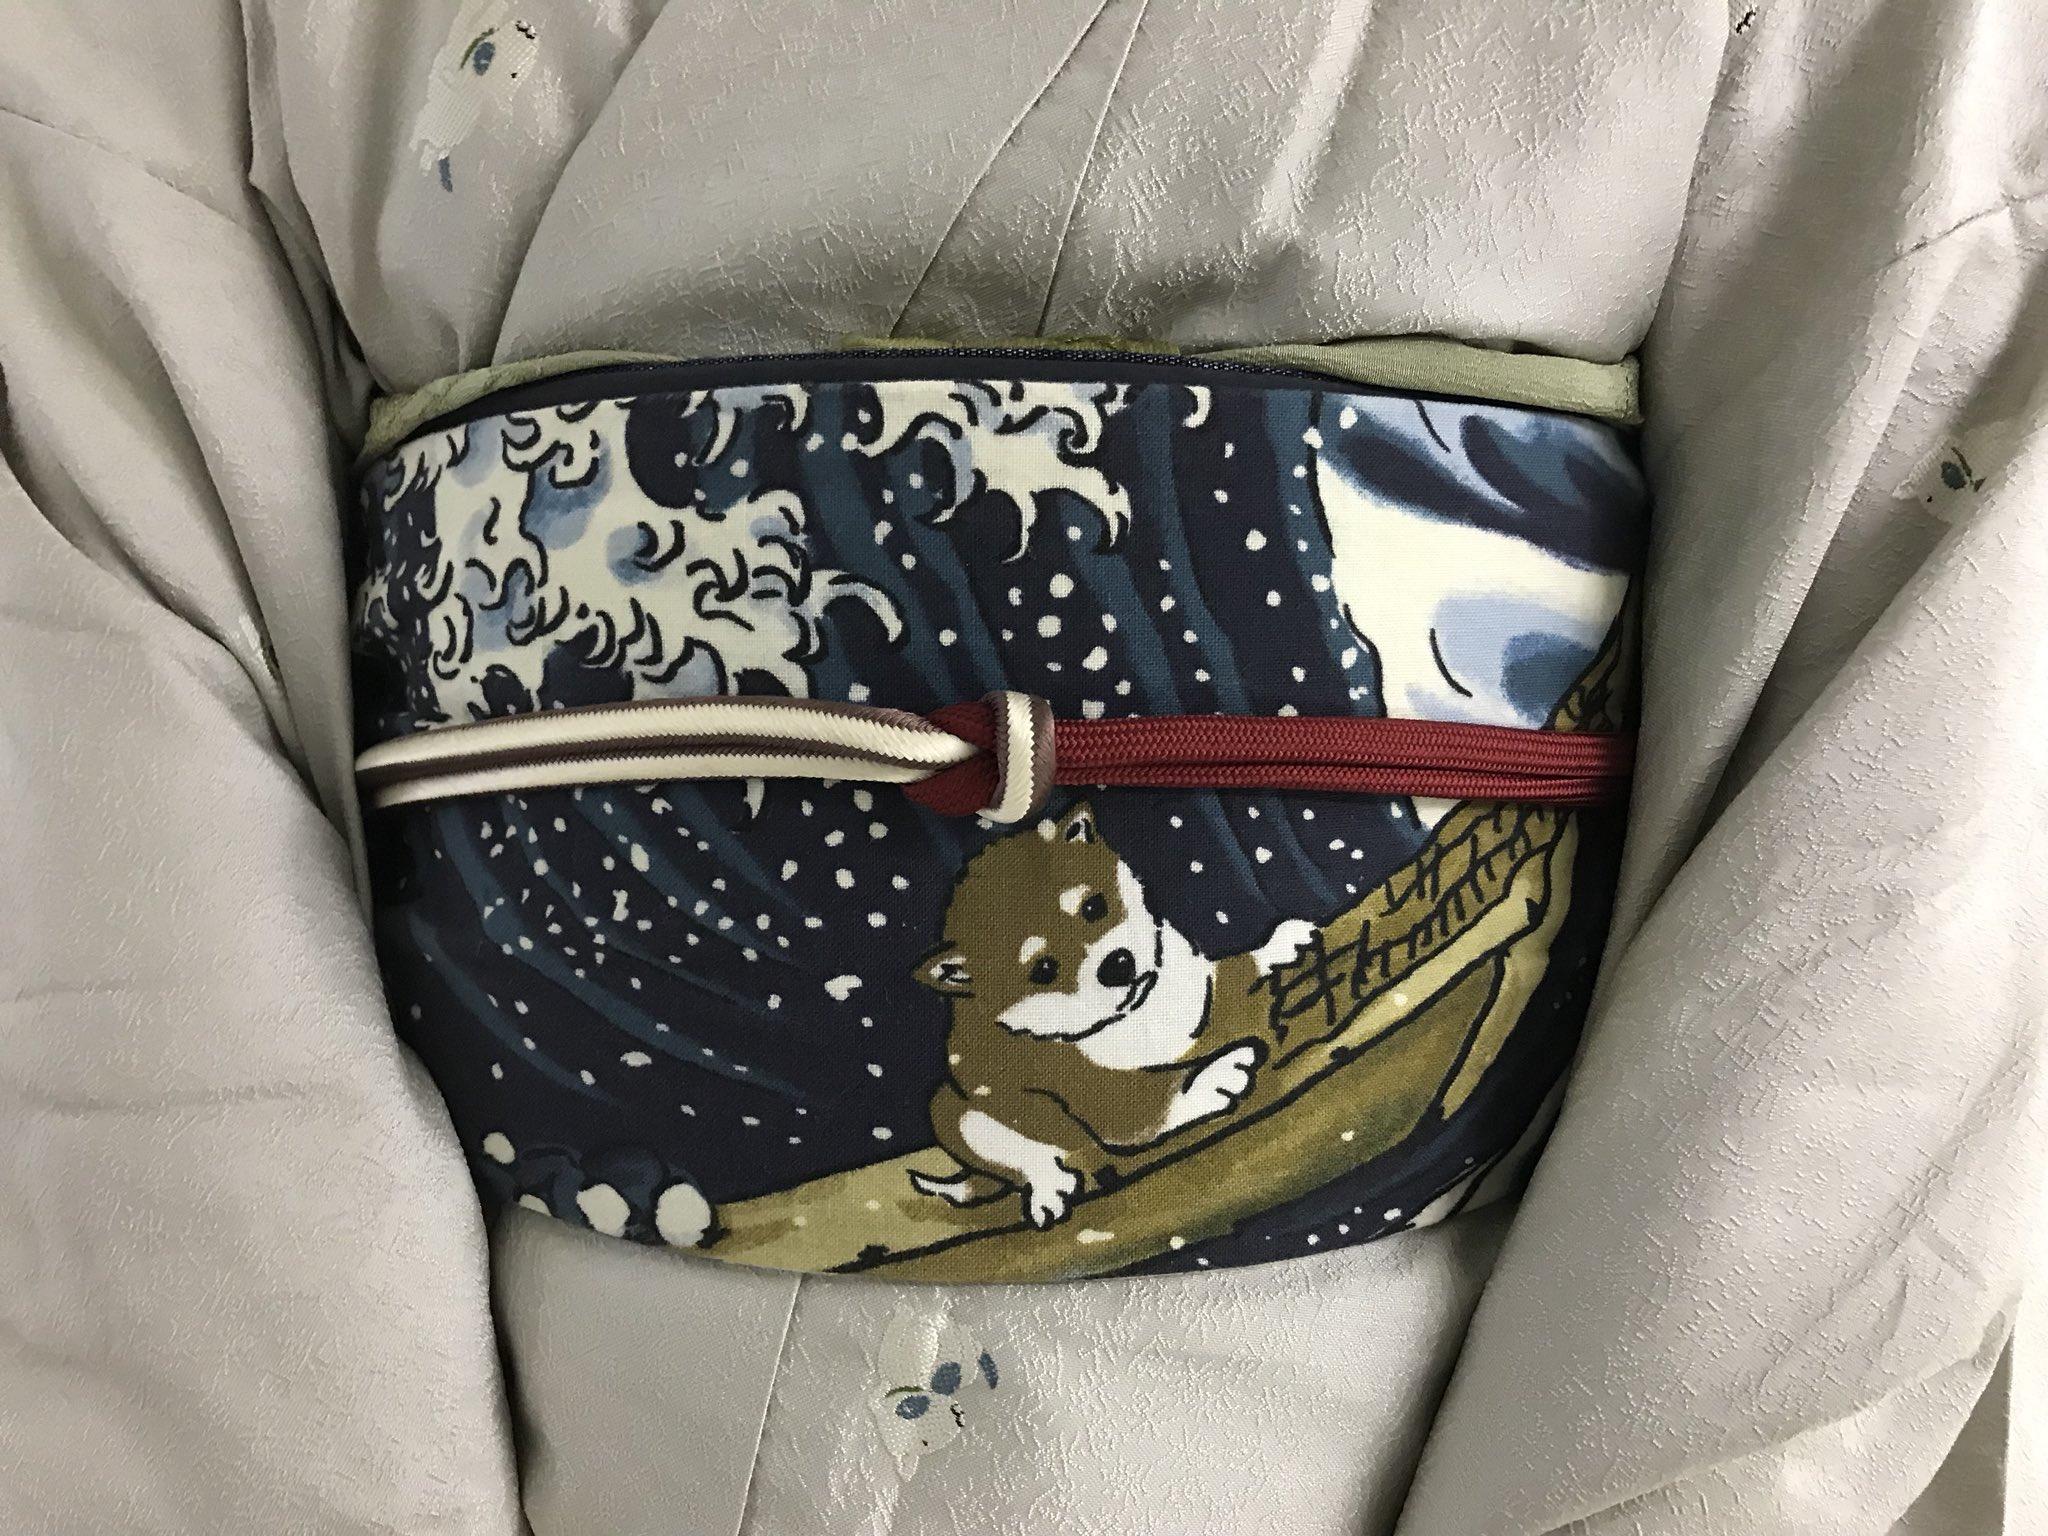 地下鉄駅出口へのエスカレーターで私の前にいらしたご婦人の着物の帯が、こんな素敵な柴犬の〜(≧∀≦) 思わずお願いして写真撮らせて頂きました(≧∀≦)